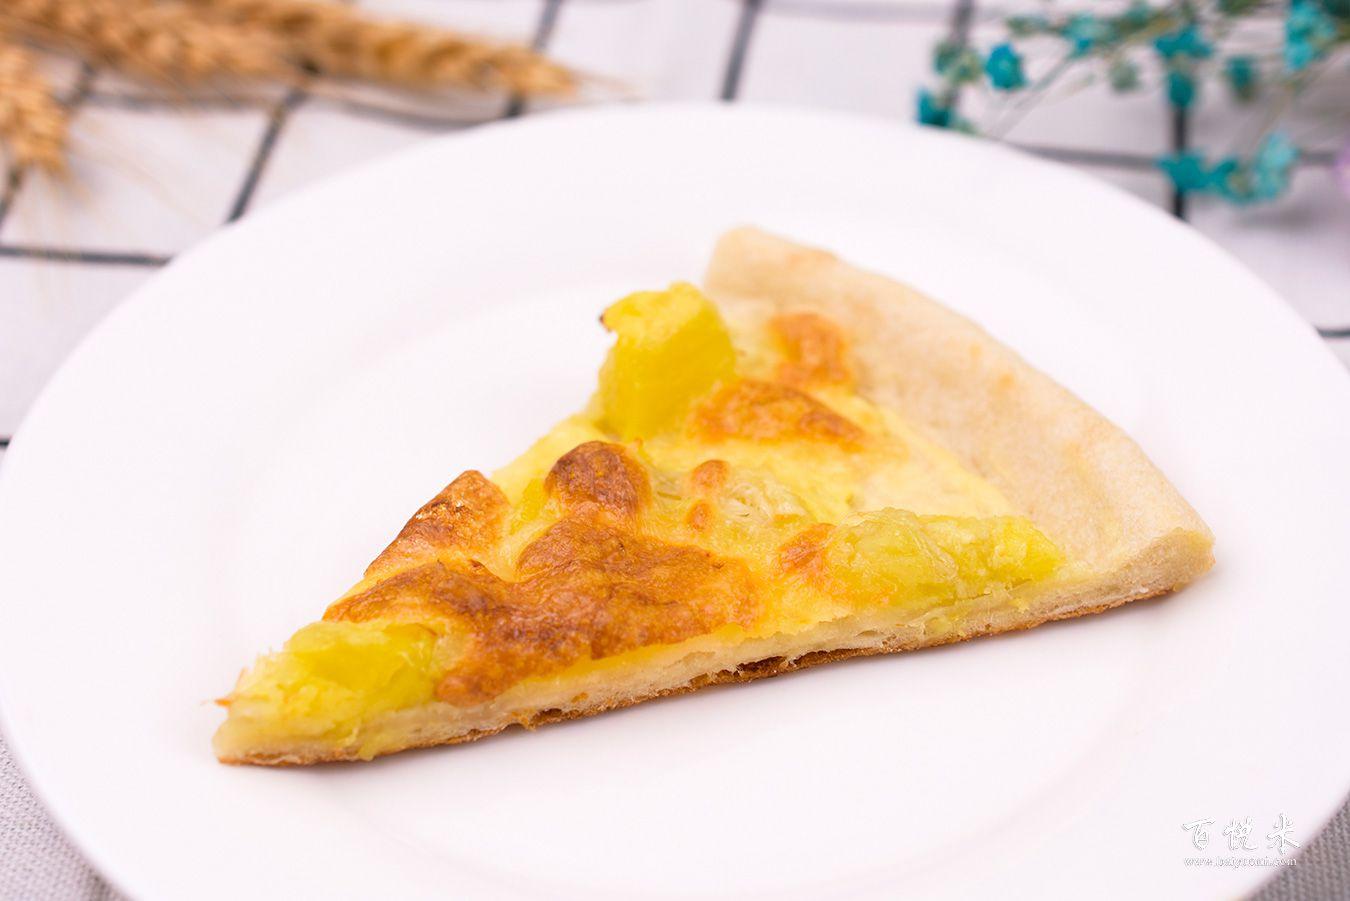 榴莲披萨高清图片大全【蛋糕图片】_794